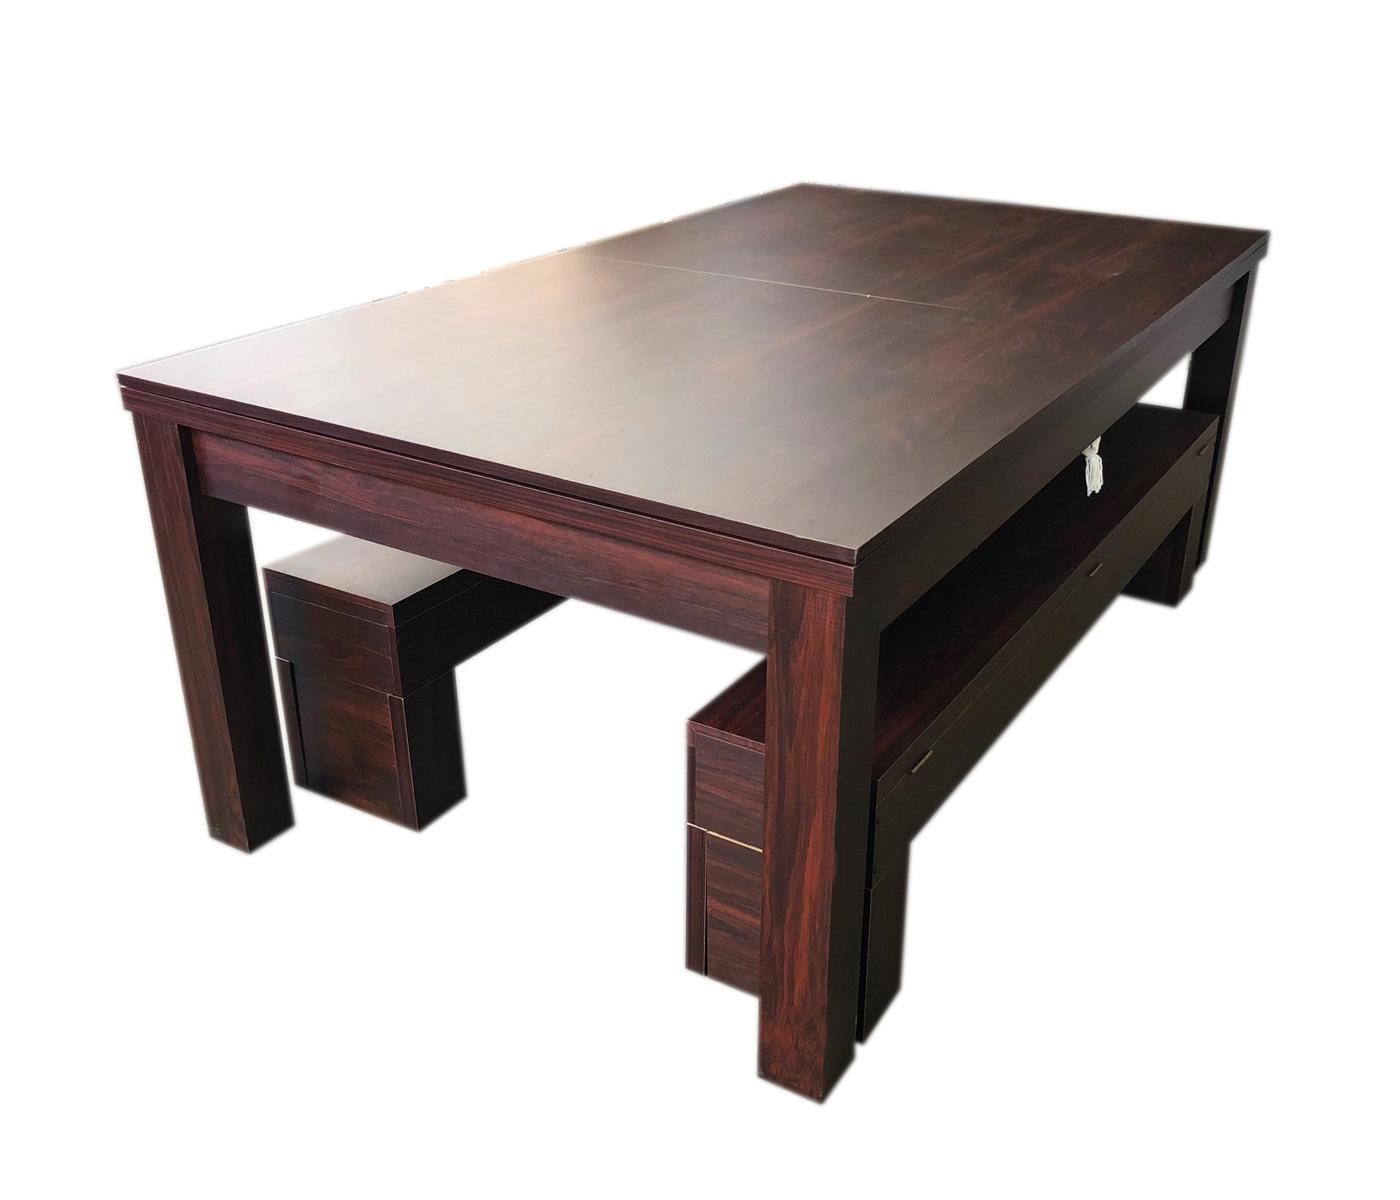 Tavolo da biliardo 7 piedi diventa tavolo con panche contenitore rich red - Tavolo da pranzo con biliardo ...